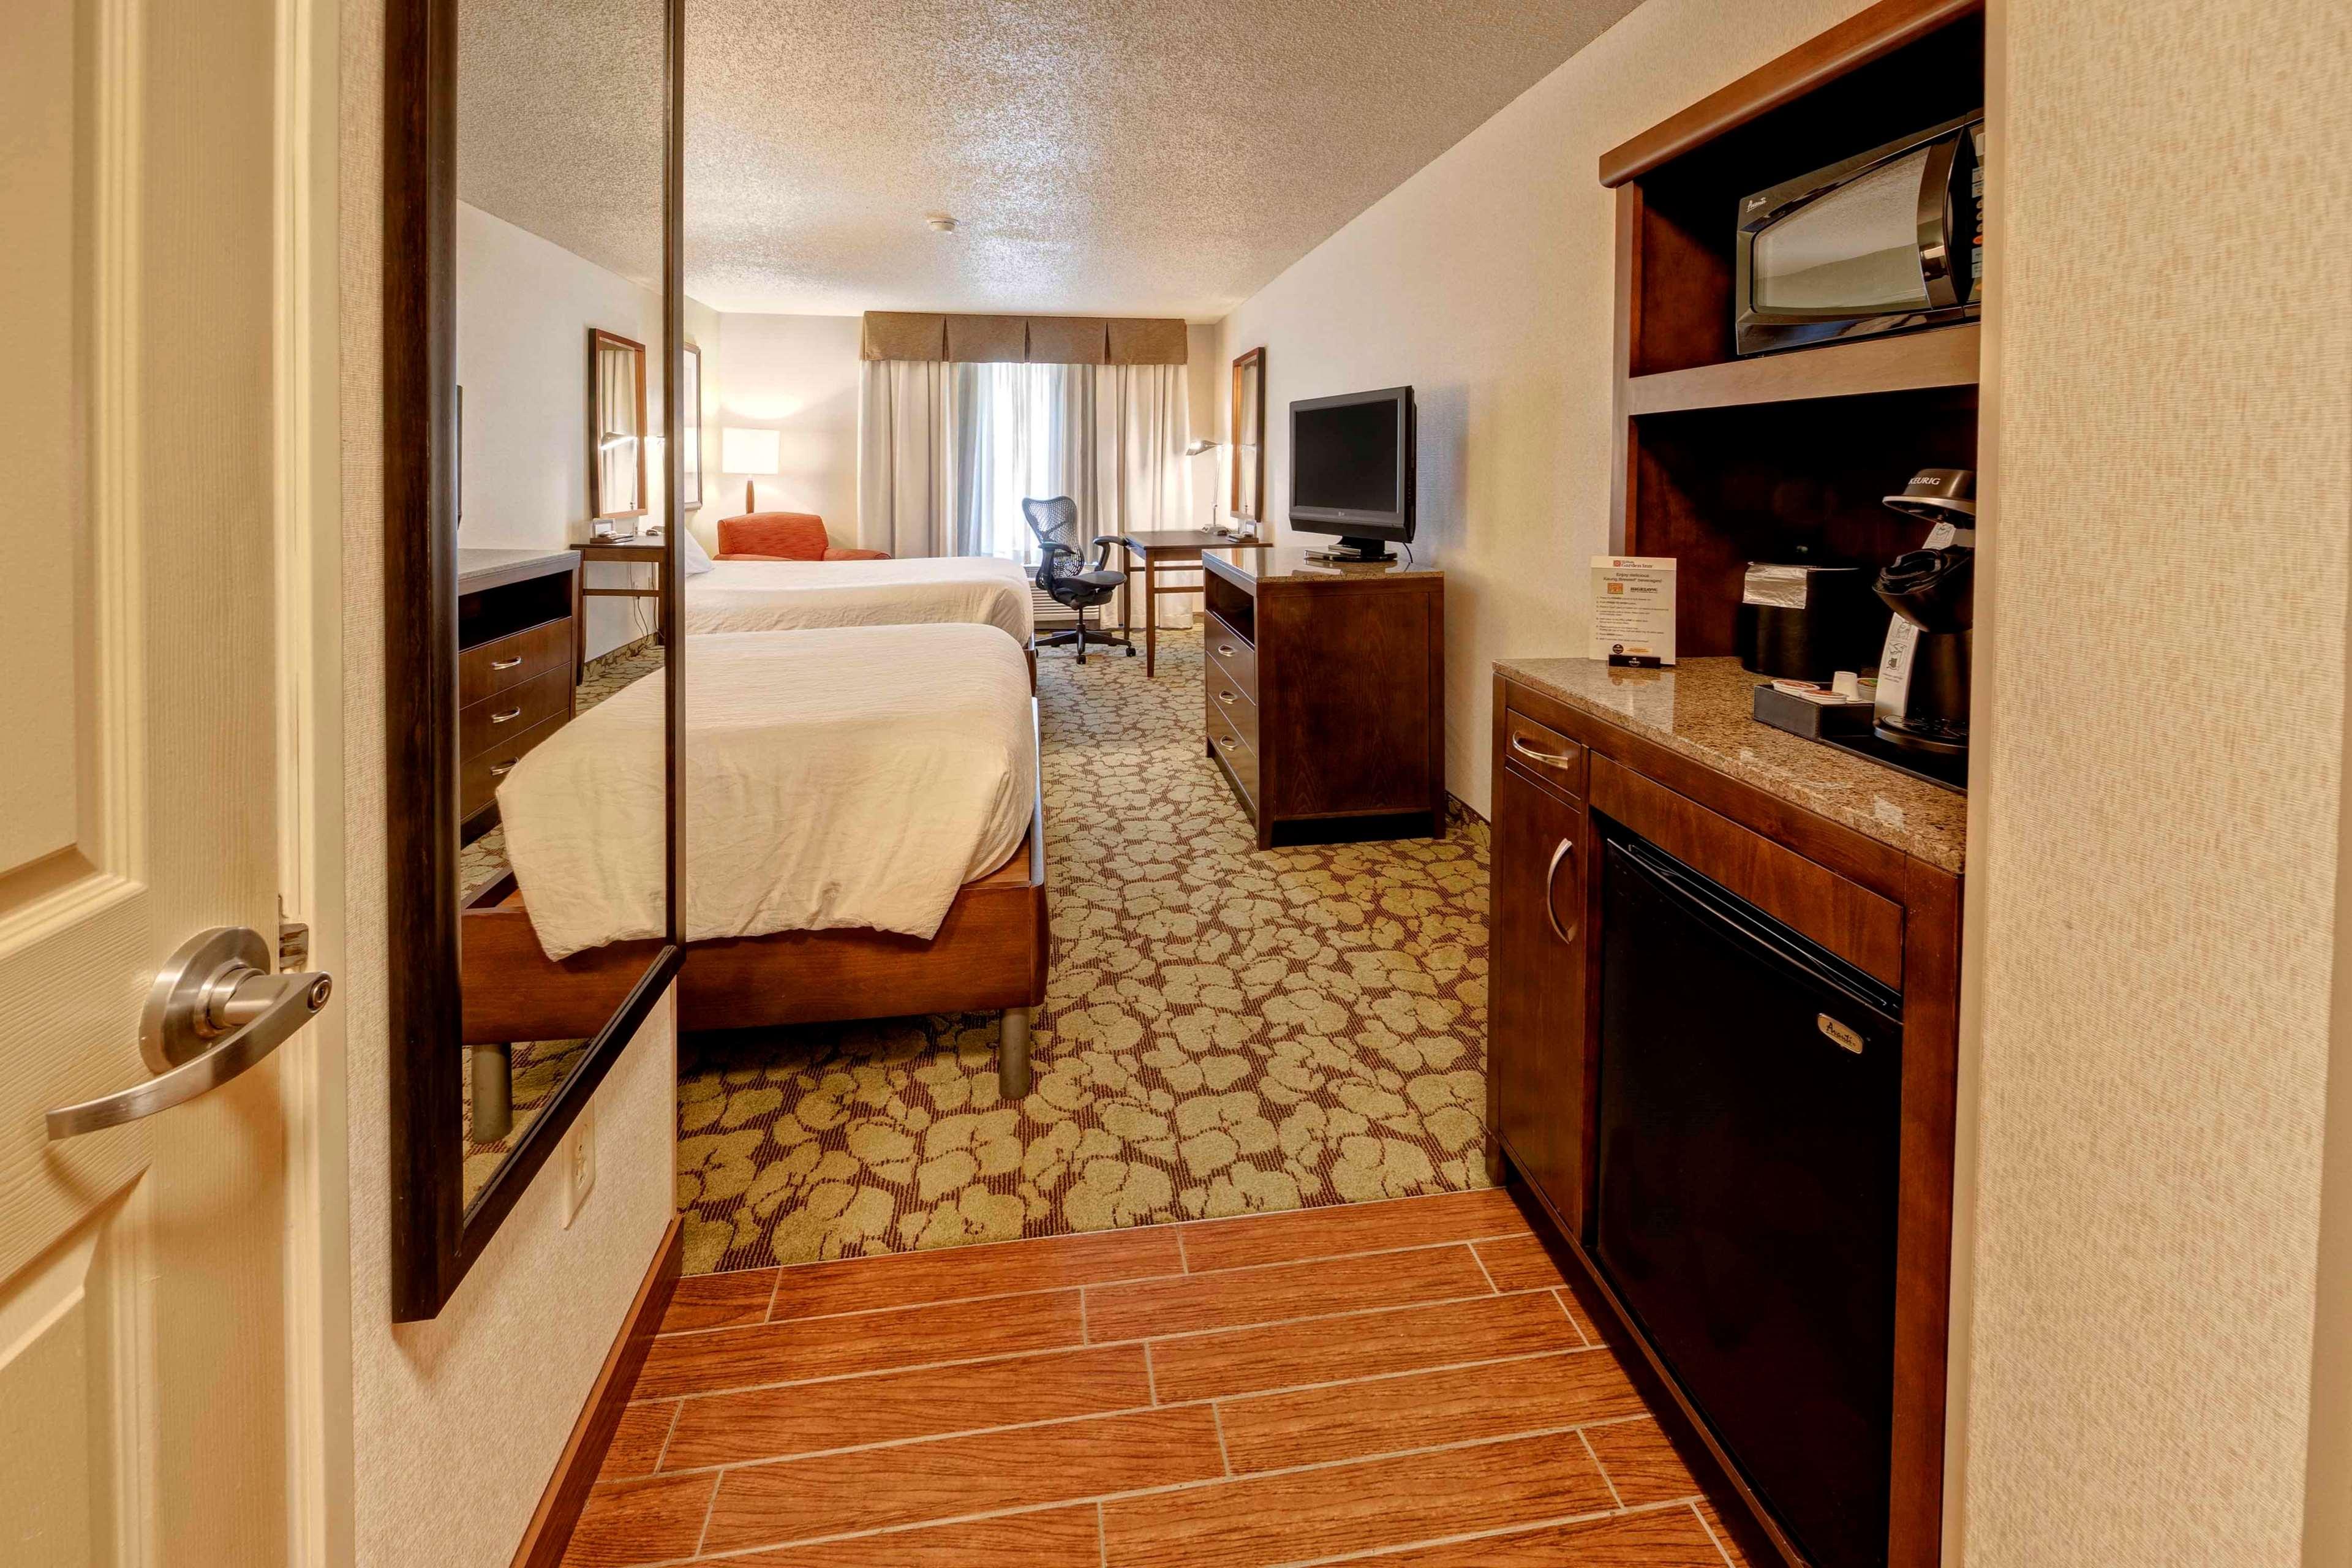 Hilton Garden Inn Minneapolis/Eden Prairie image 15